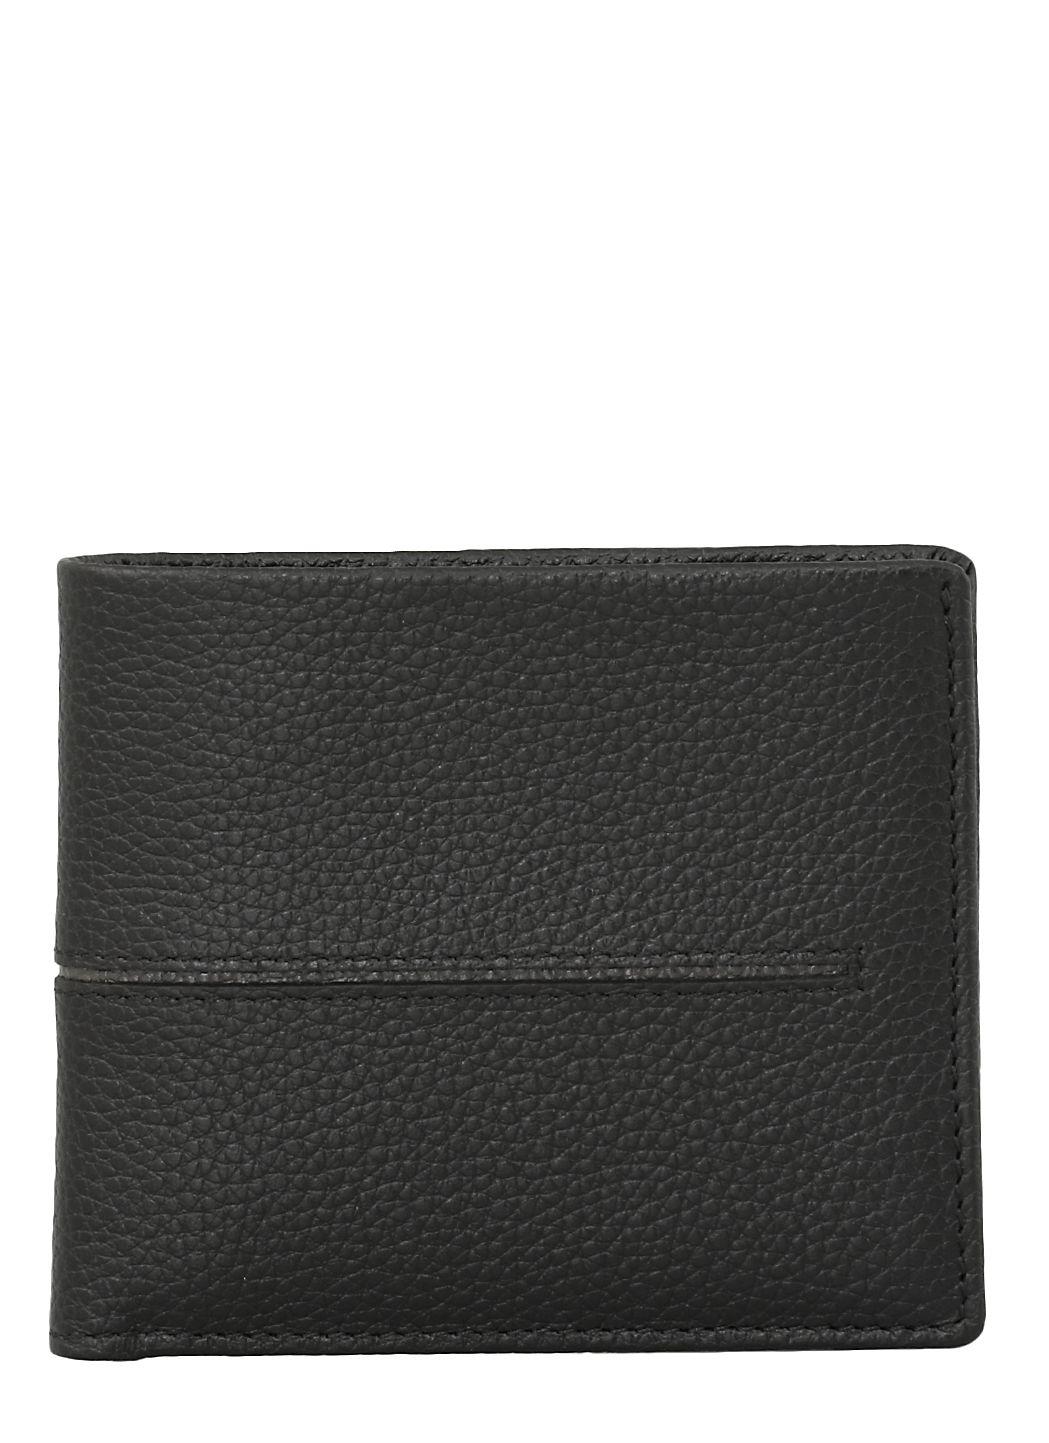 - Wallet in grain  leather